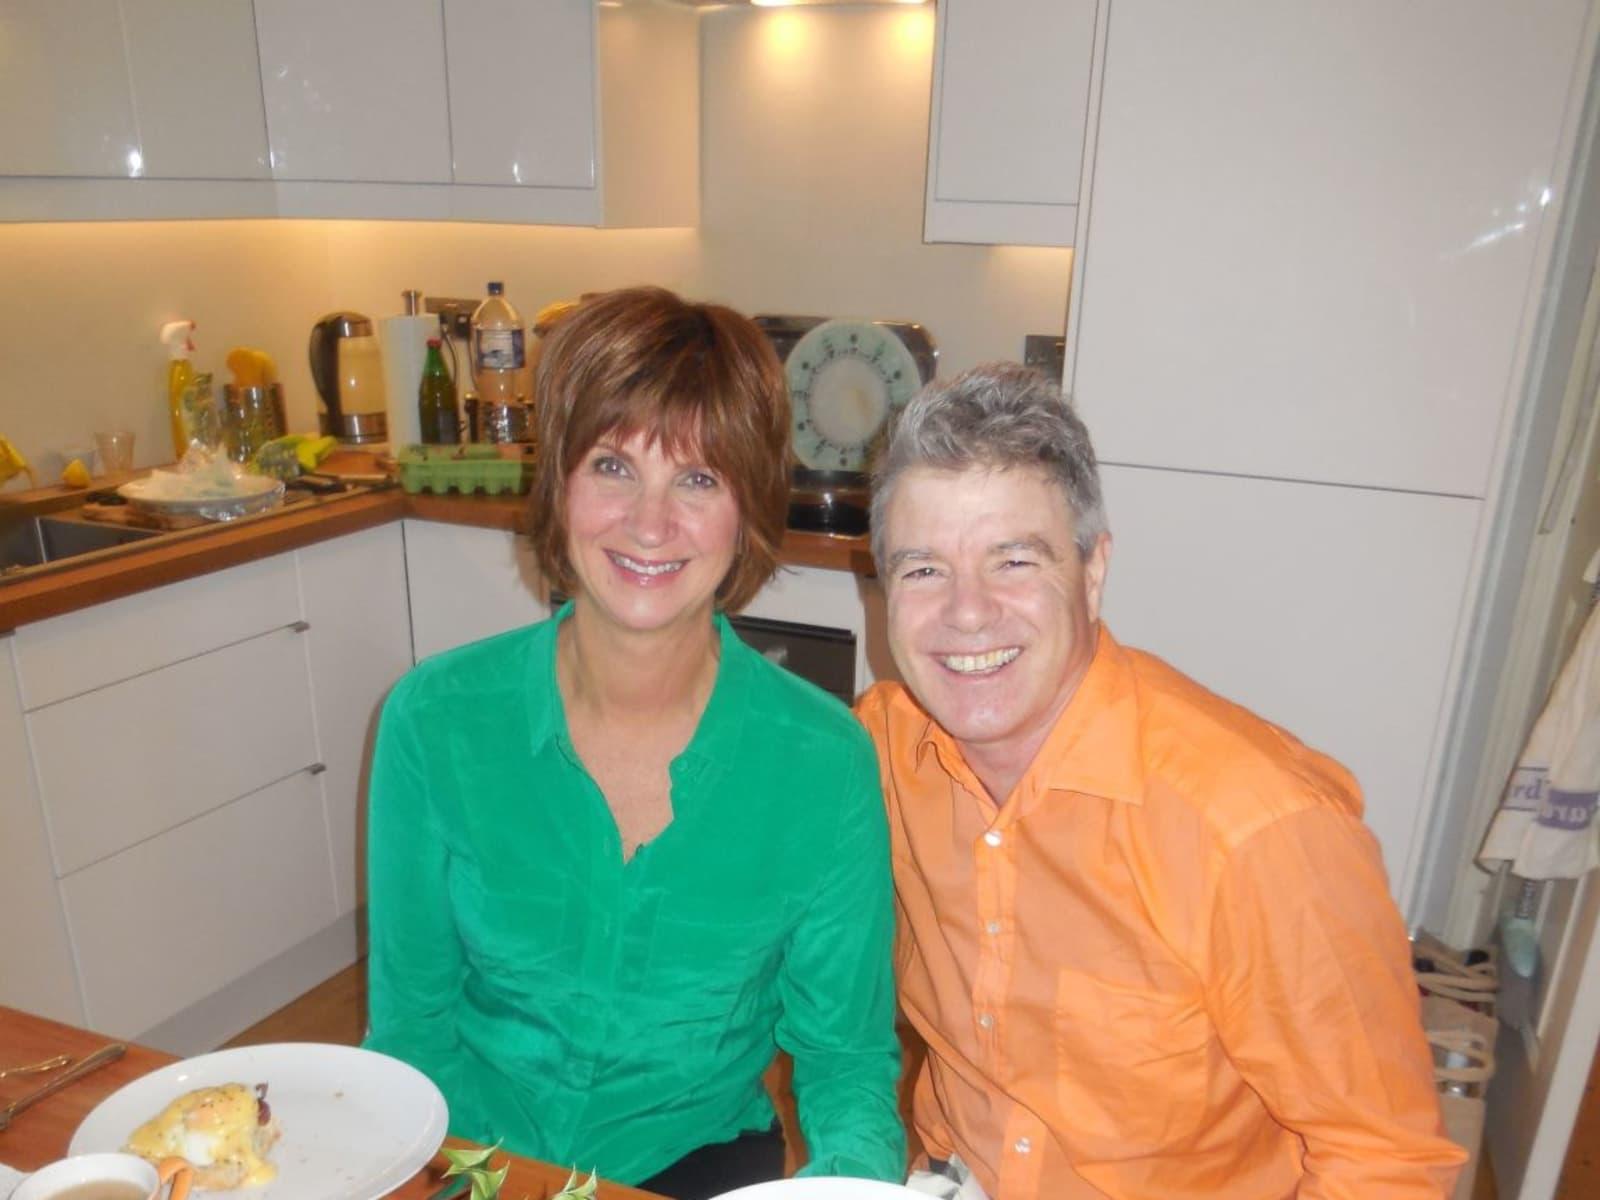 Christina & Matt from Auckland, New Zealand